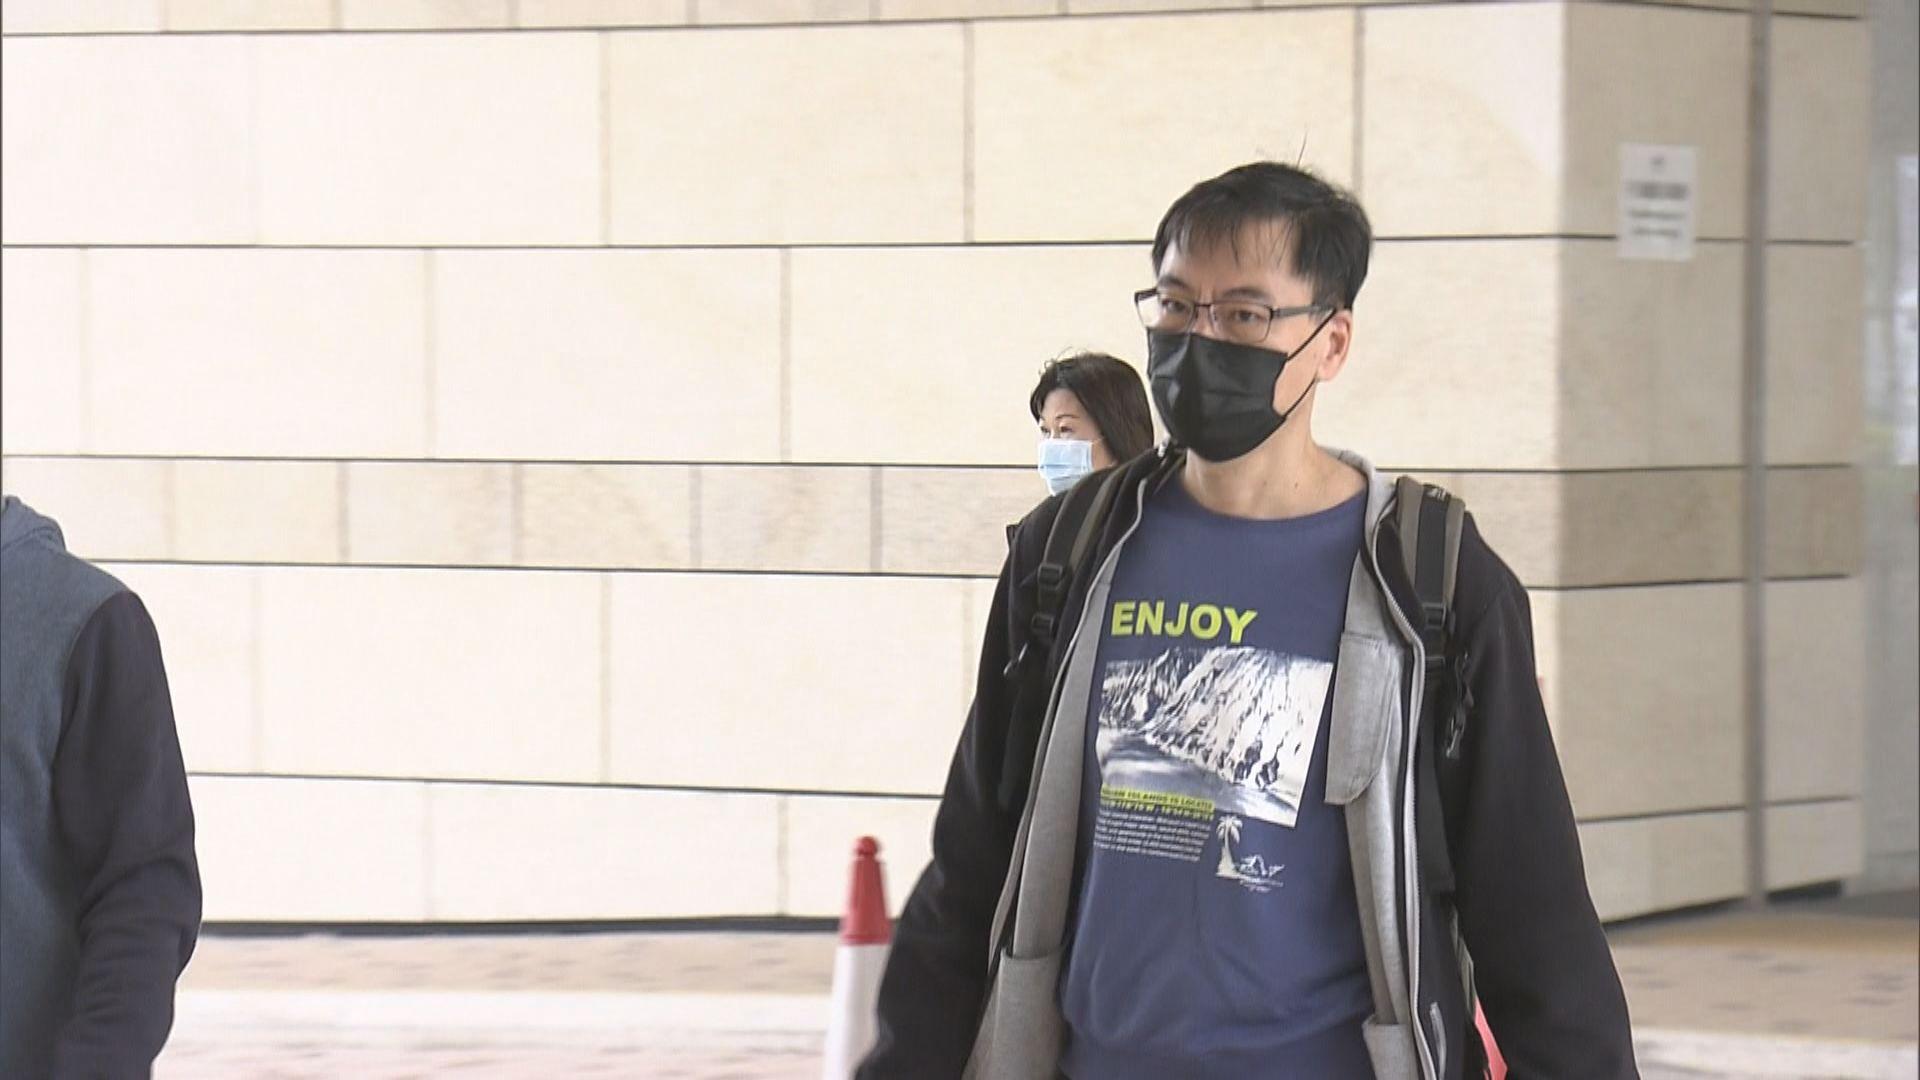 周梓樂死因研訊 裁判官押後至星期四引導陪審團